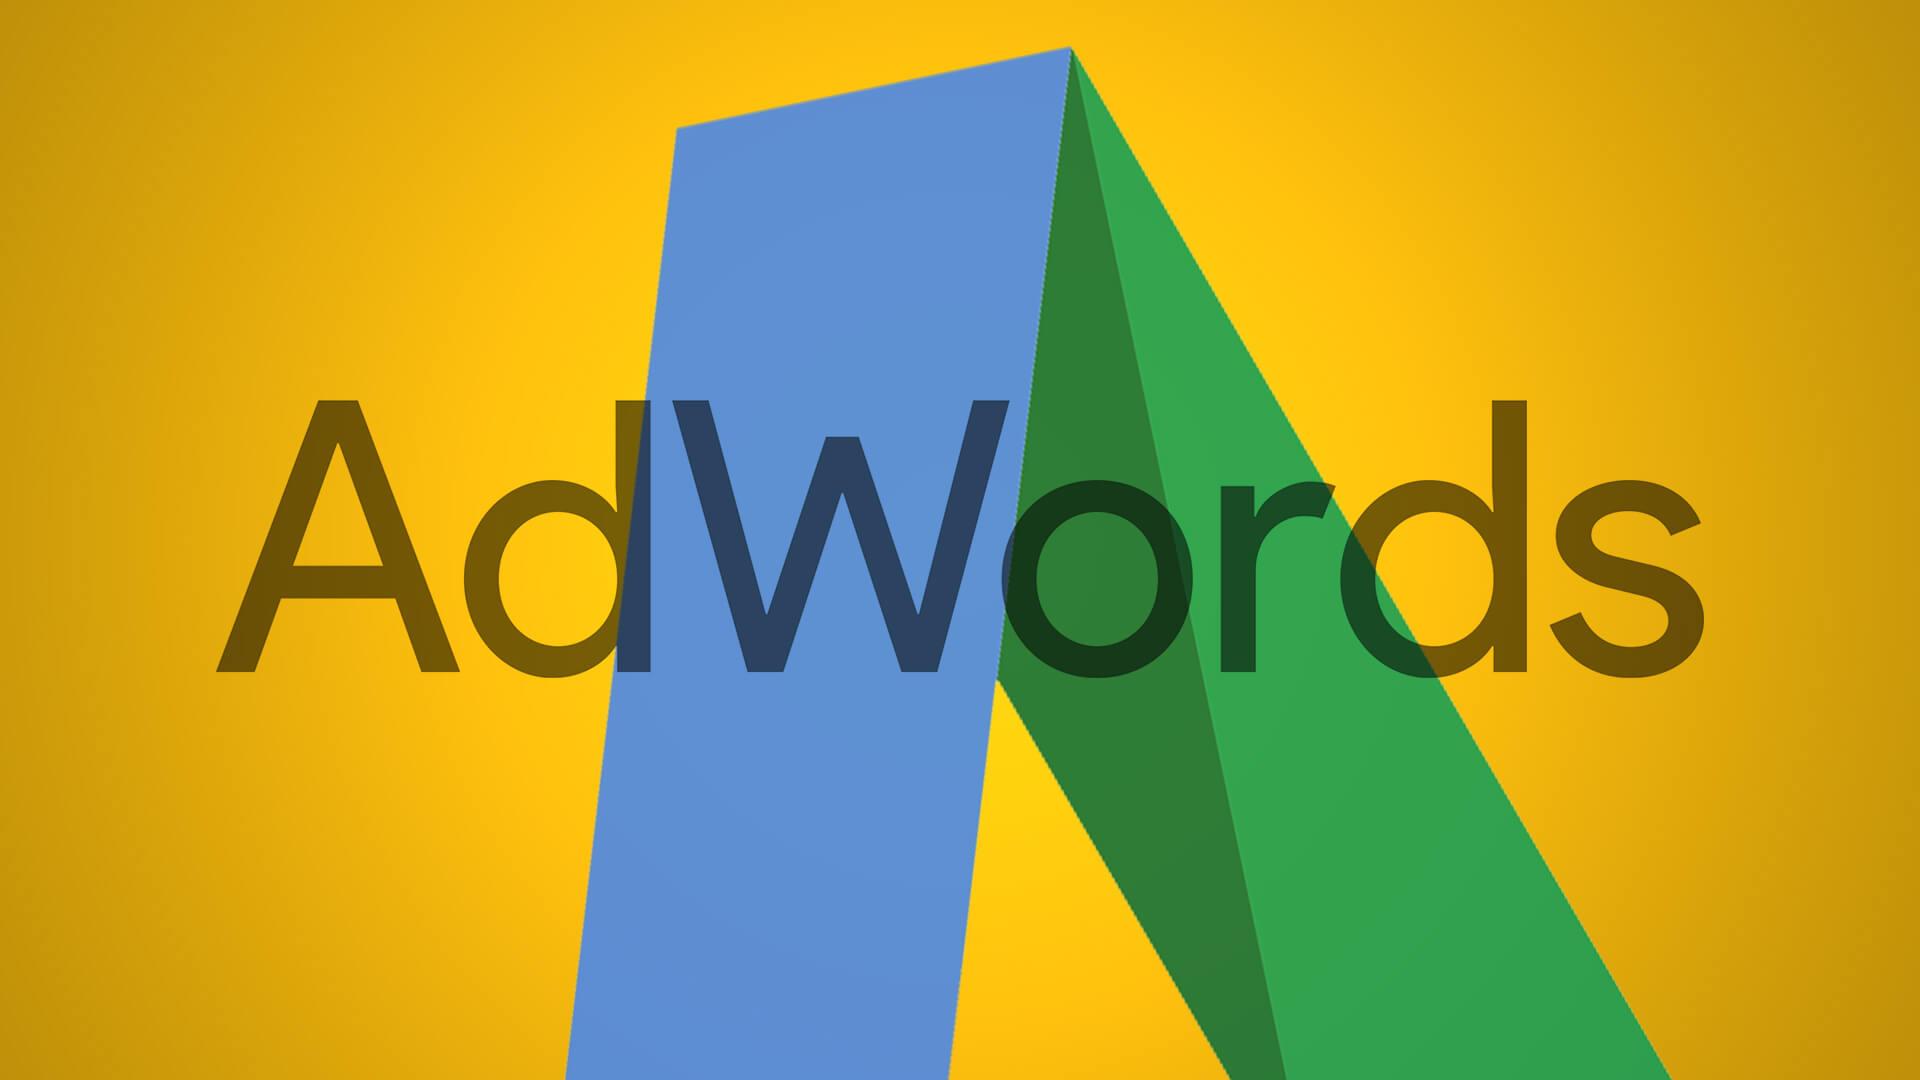 Trovare nuove parole chiave… tramite AdWords!